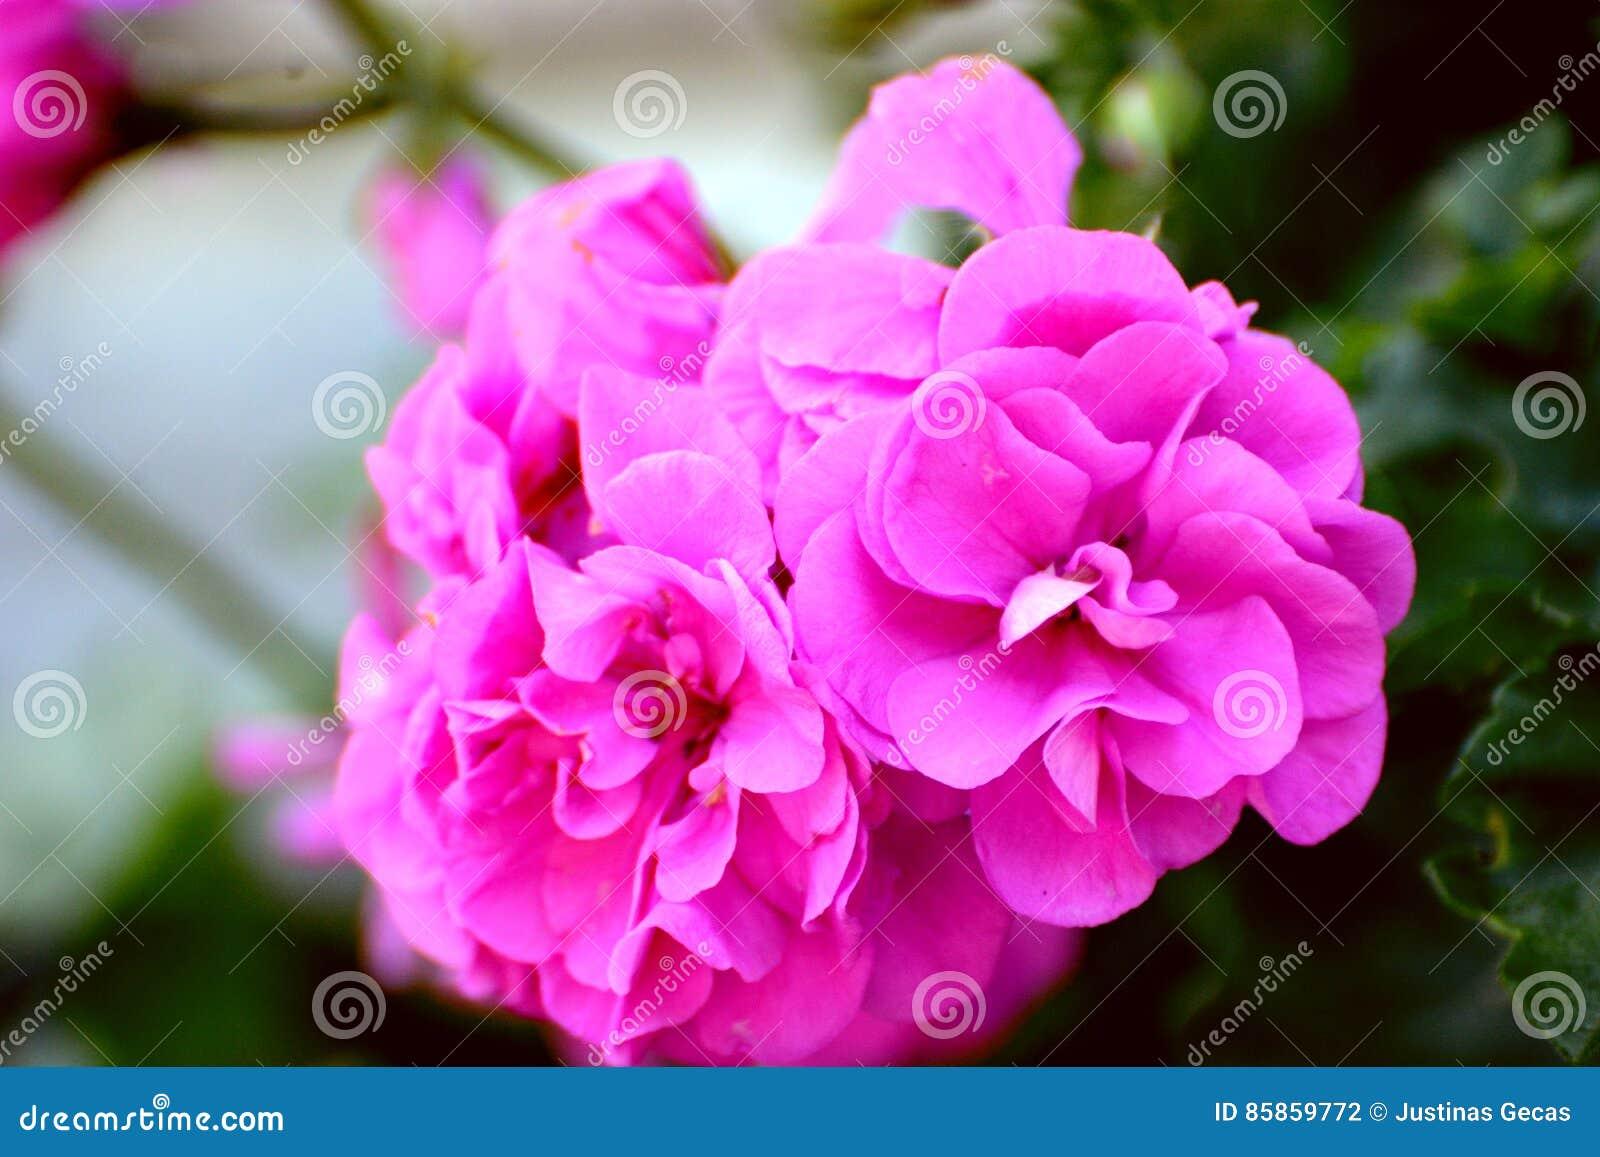 flores preciosas fotografa de archivo - Fotos De Flores Preciosas